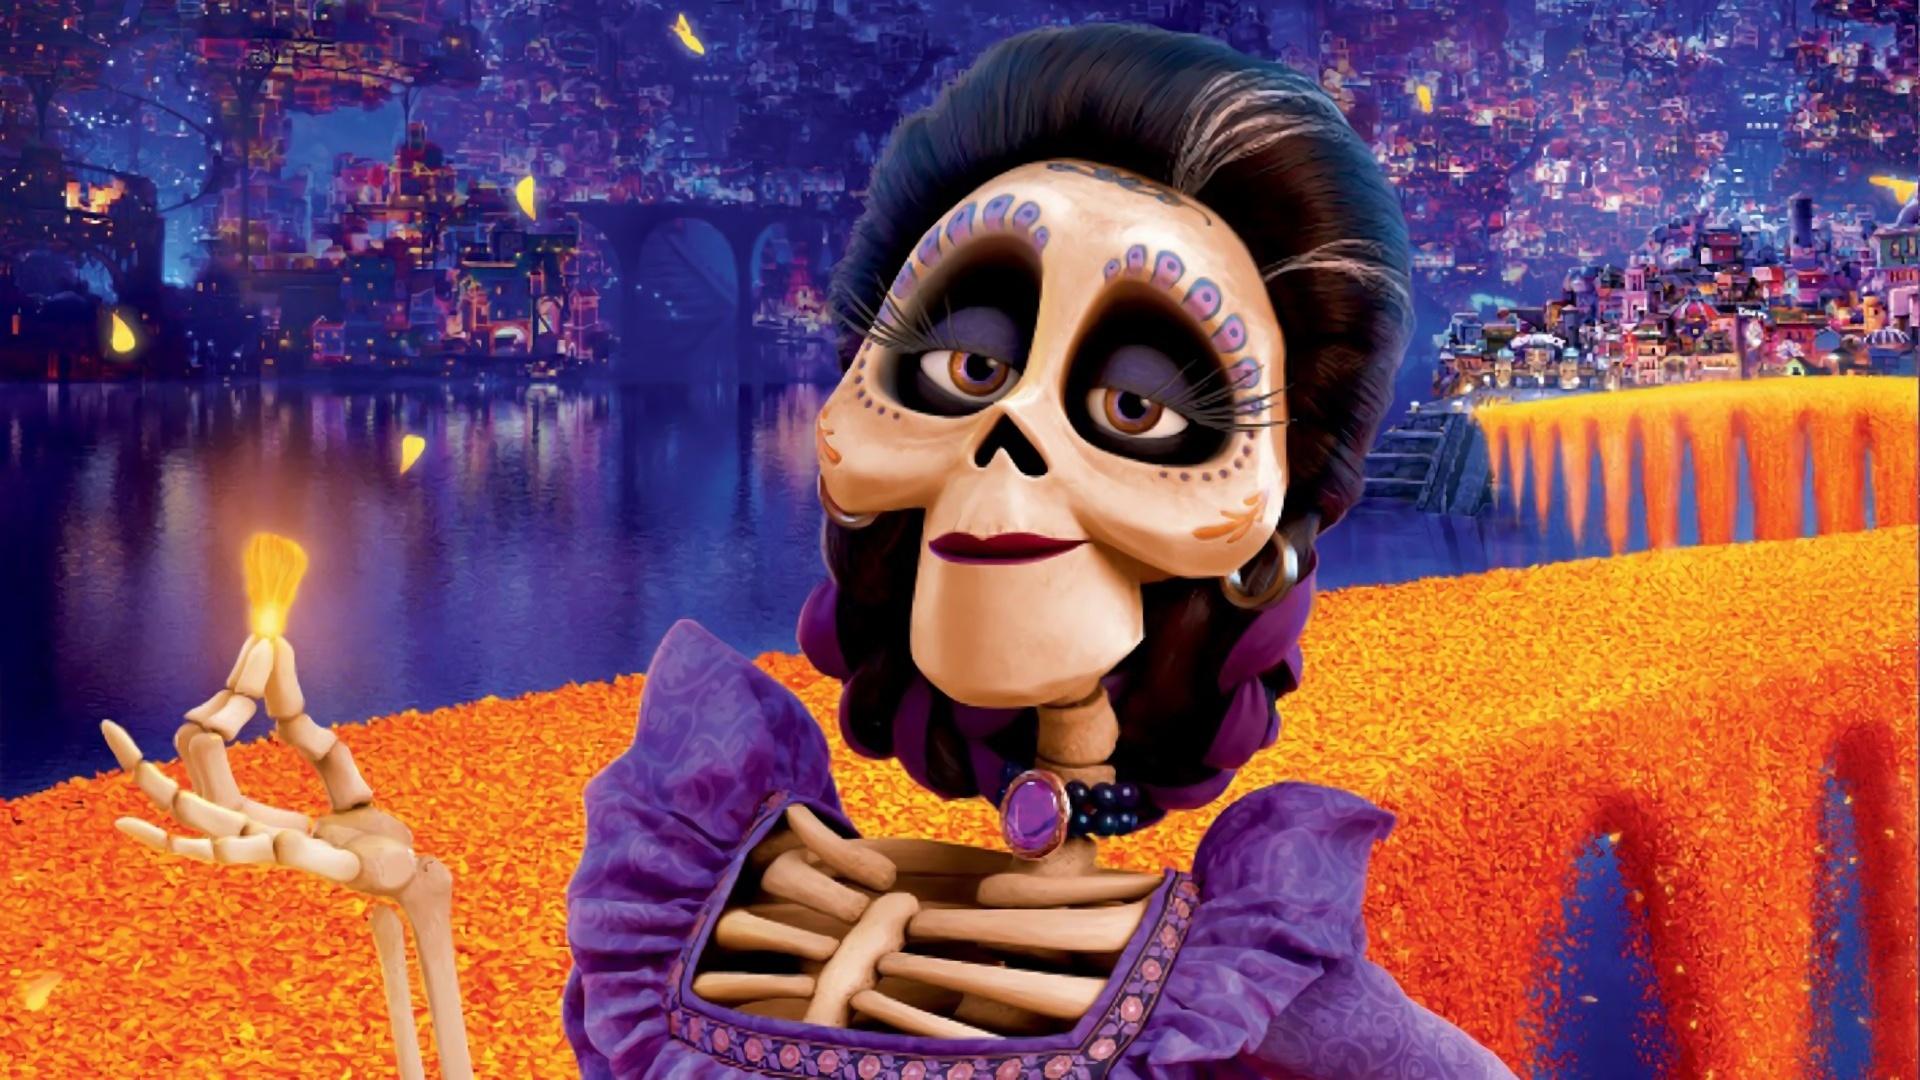 Pixar Coco Movie Wallpaper Download HD